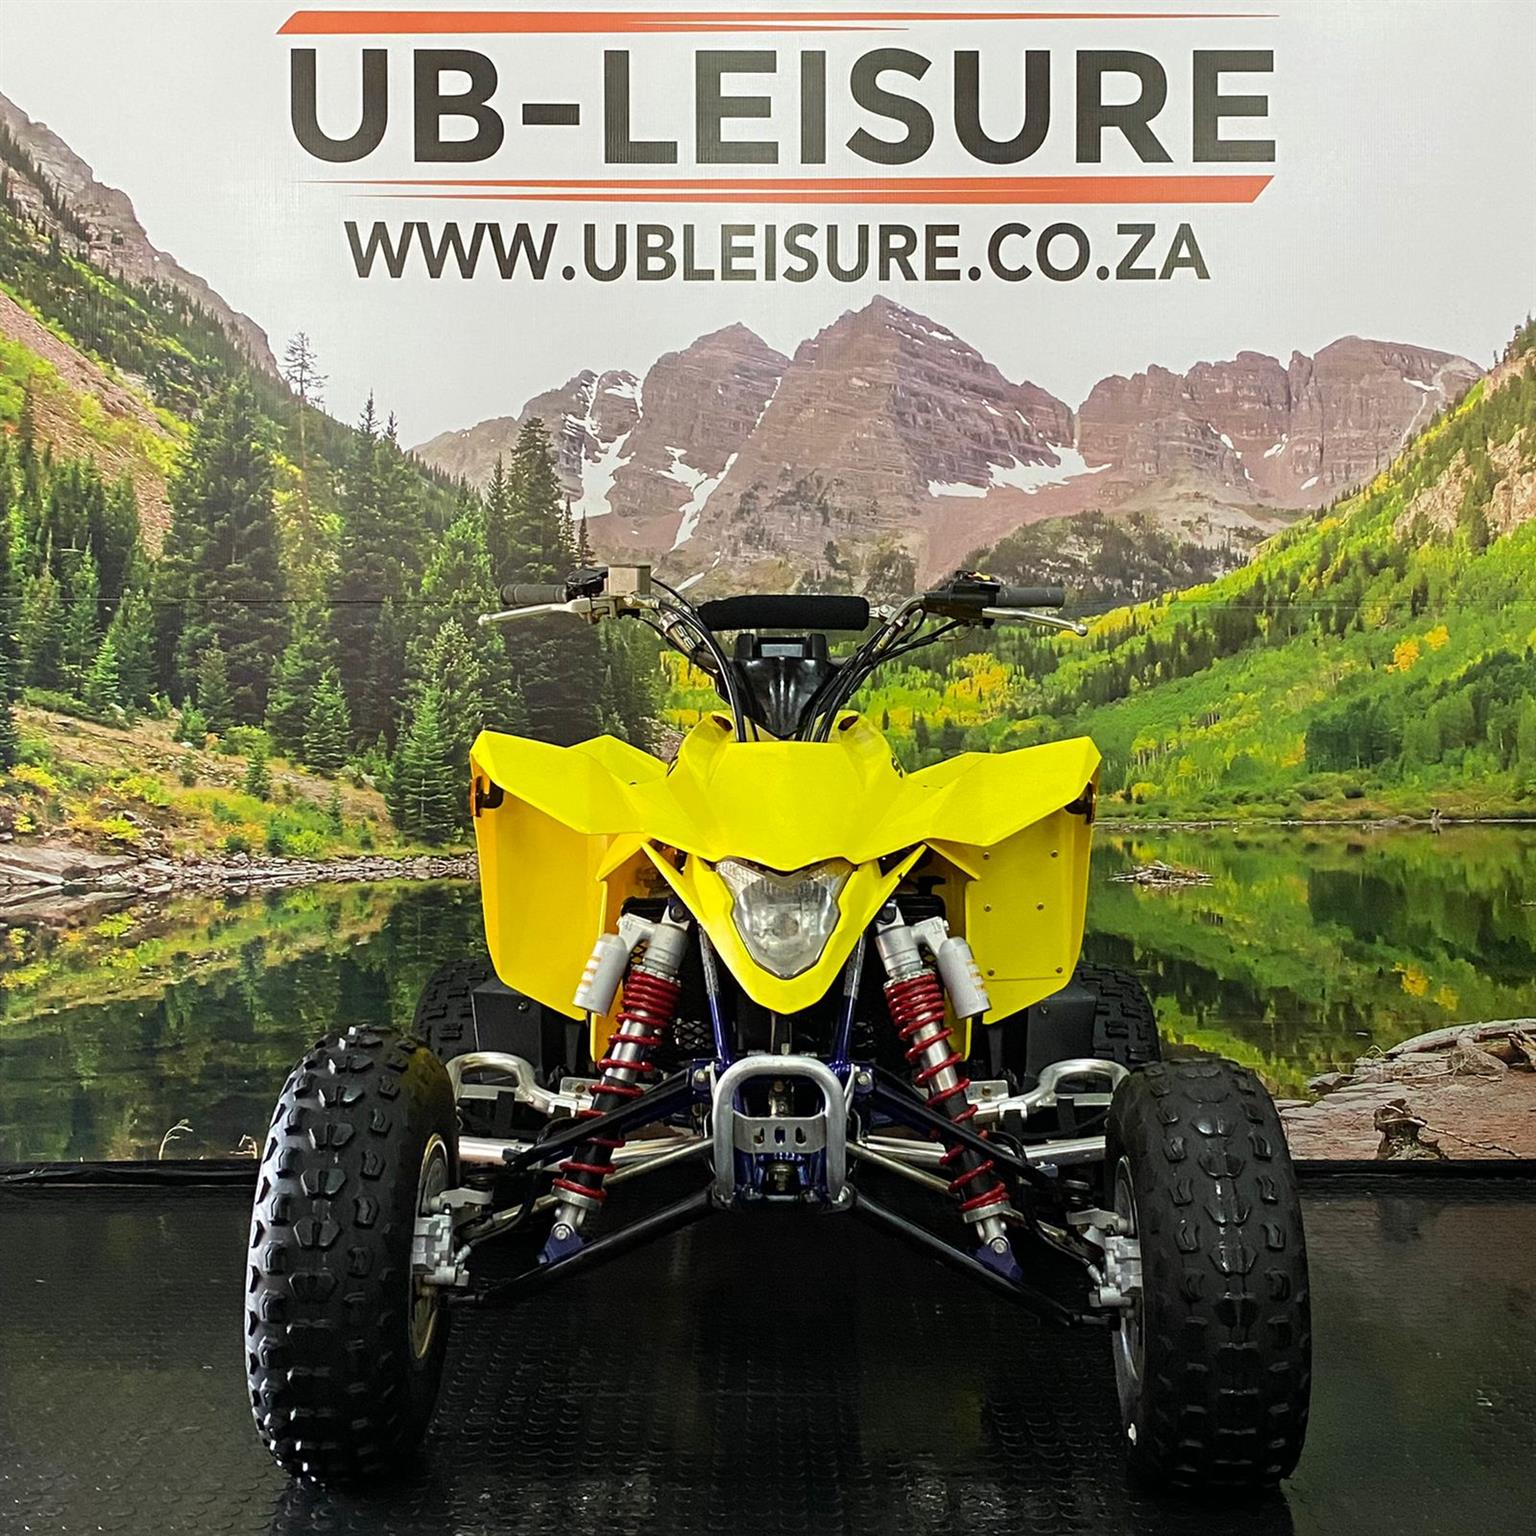 2009 SUZUKI LTZ 400 | UB LEISURE